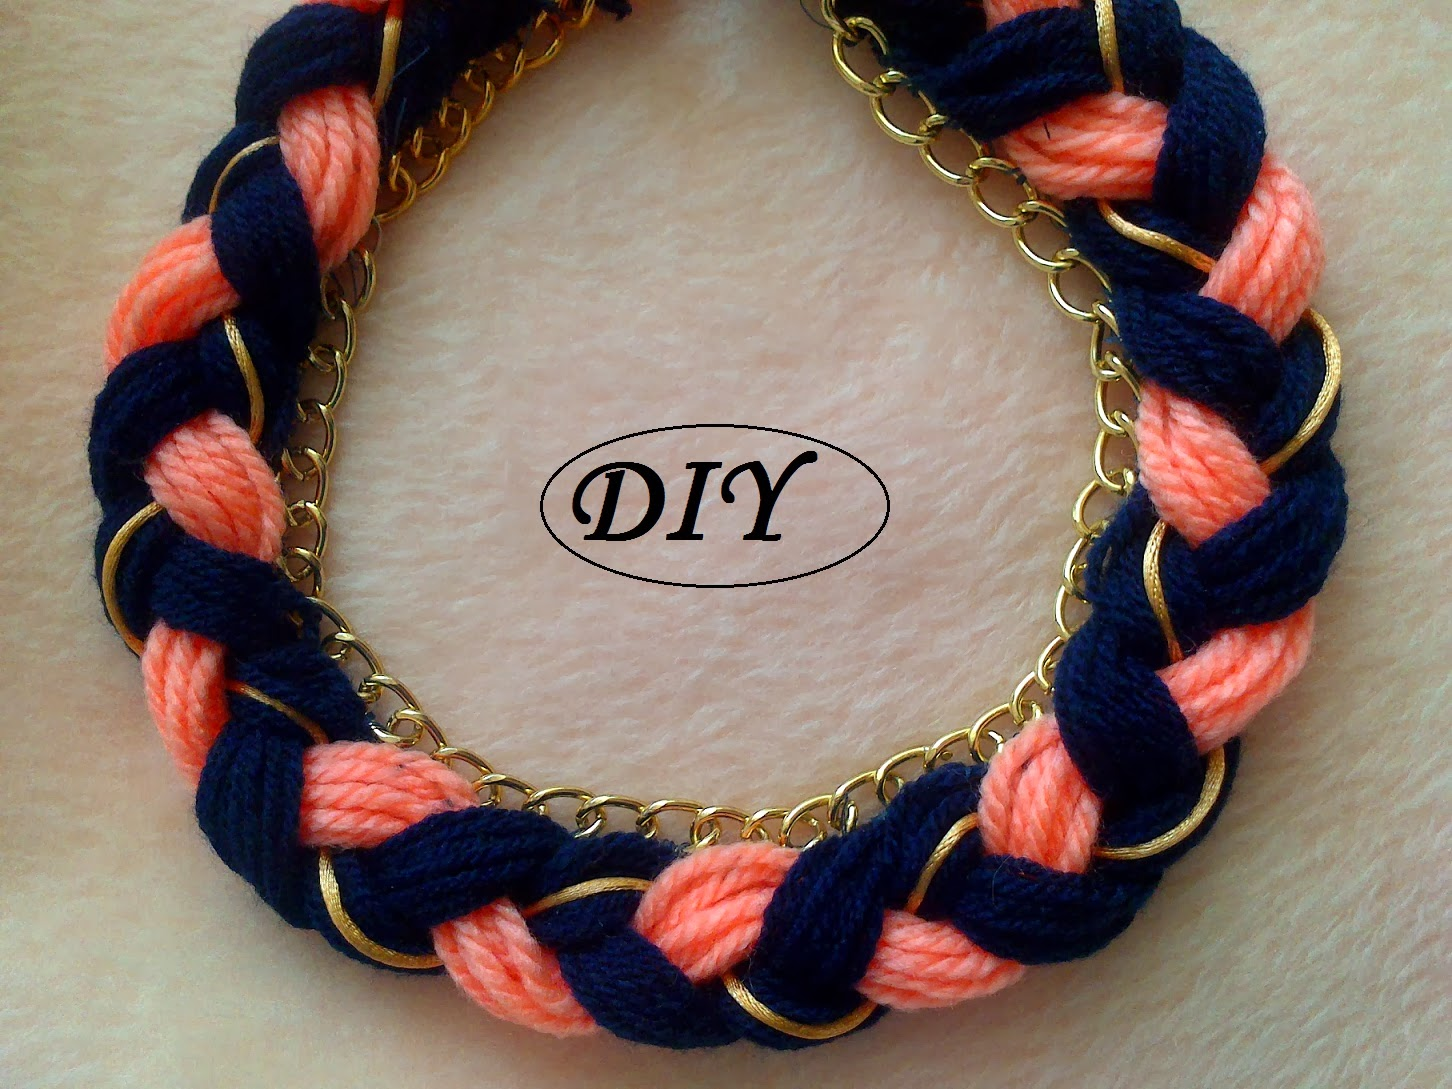 e1f7bcaf6762 Mi dedal violeta DIY  Collar trenzado con cadena